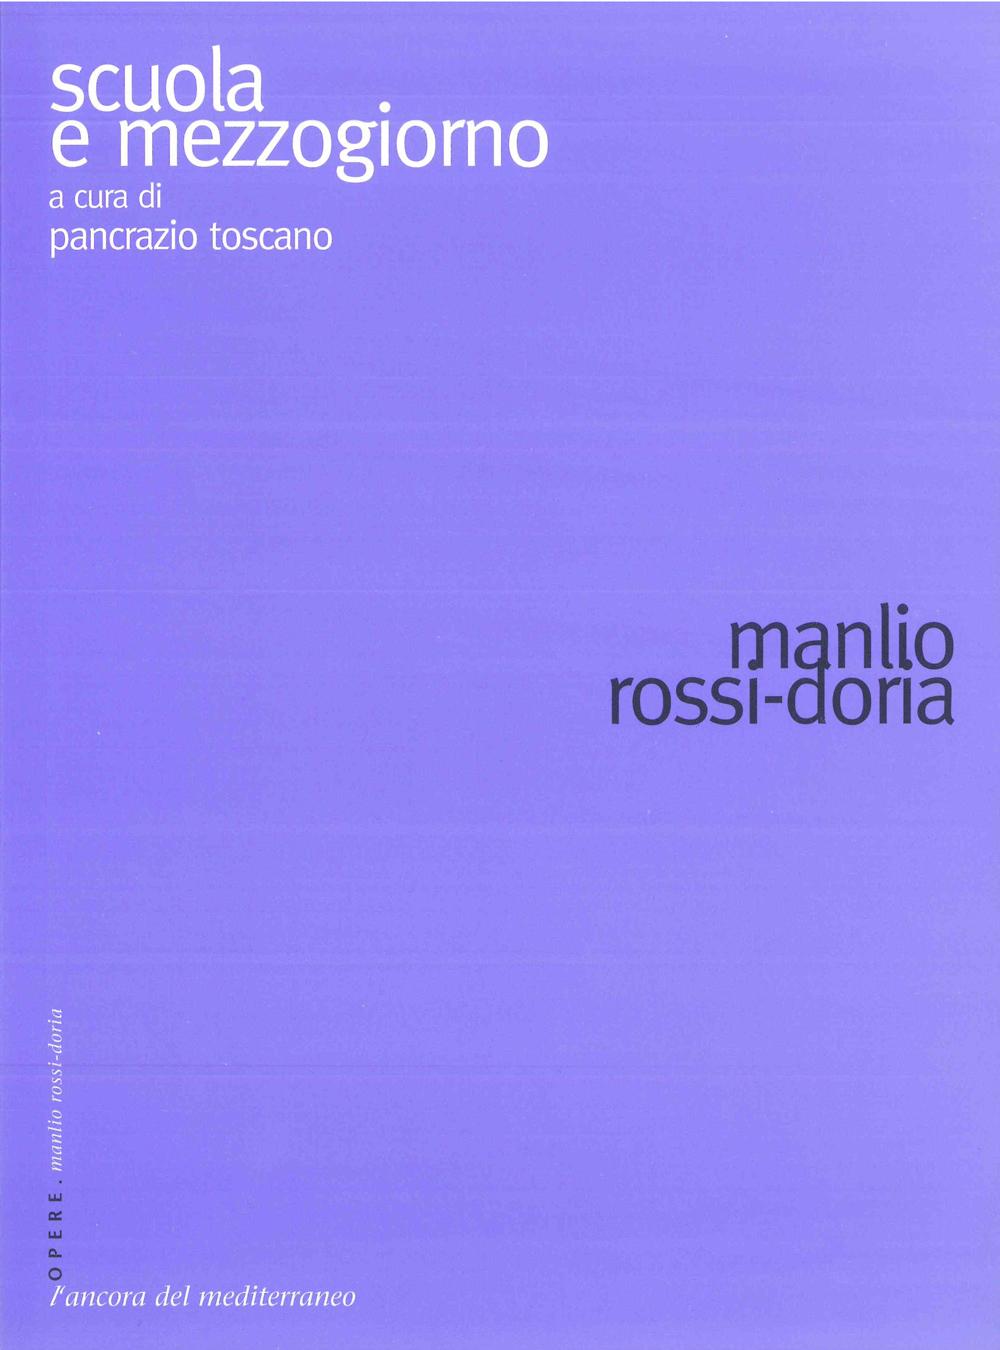 Scuola e Mezzogiorno. Scritti Manlio Rossi-Doria